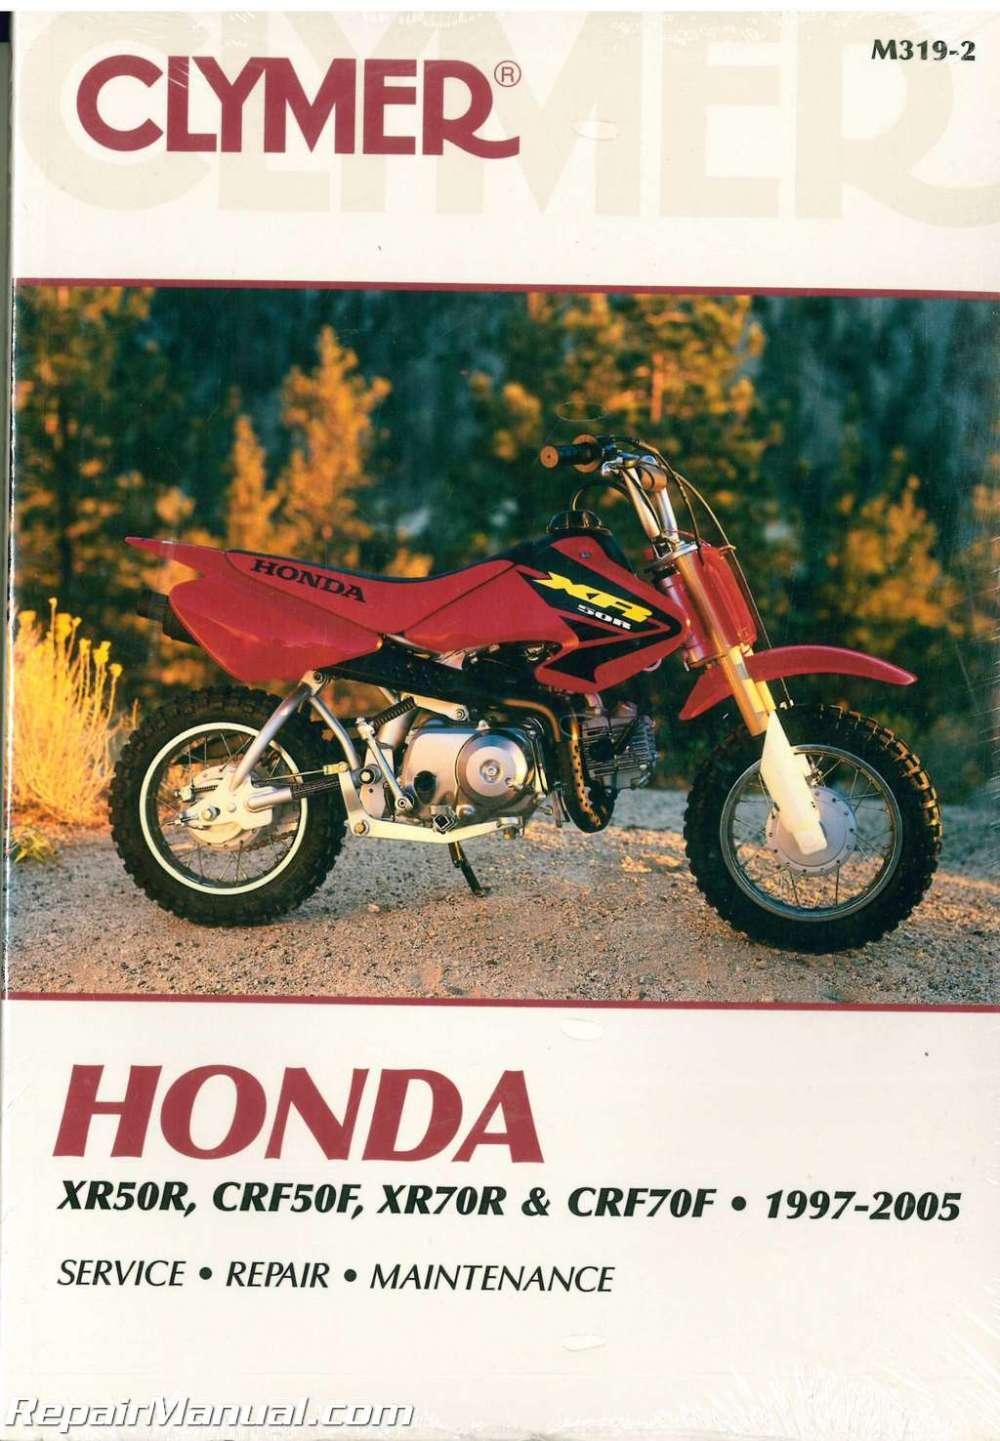 medium resolution of honda xr50r crf50f xr70r and crf70f 1997 2005